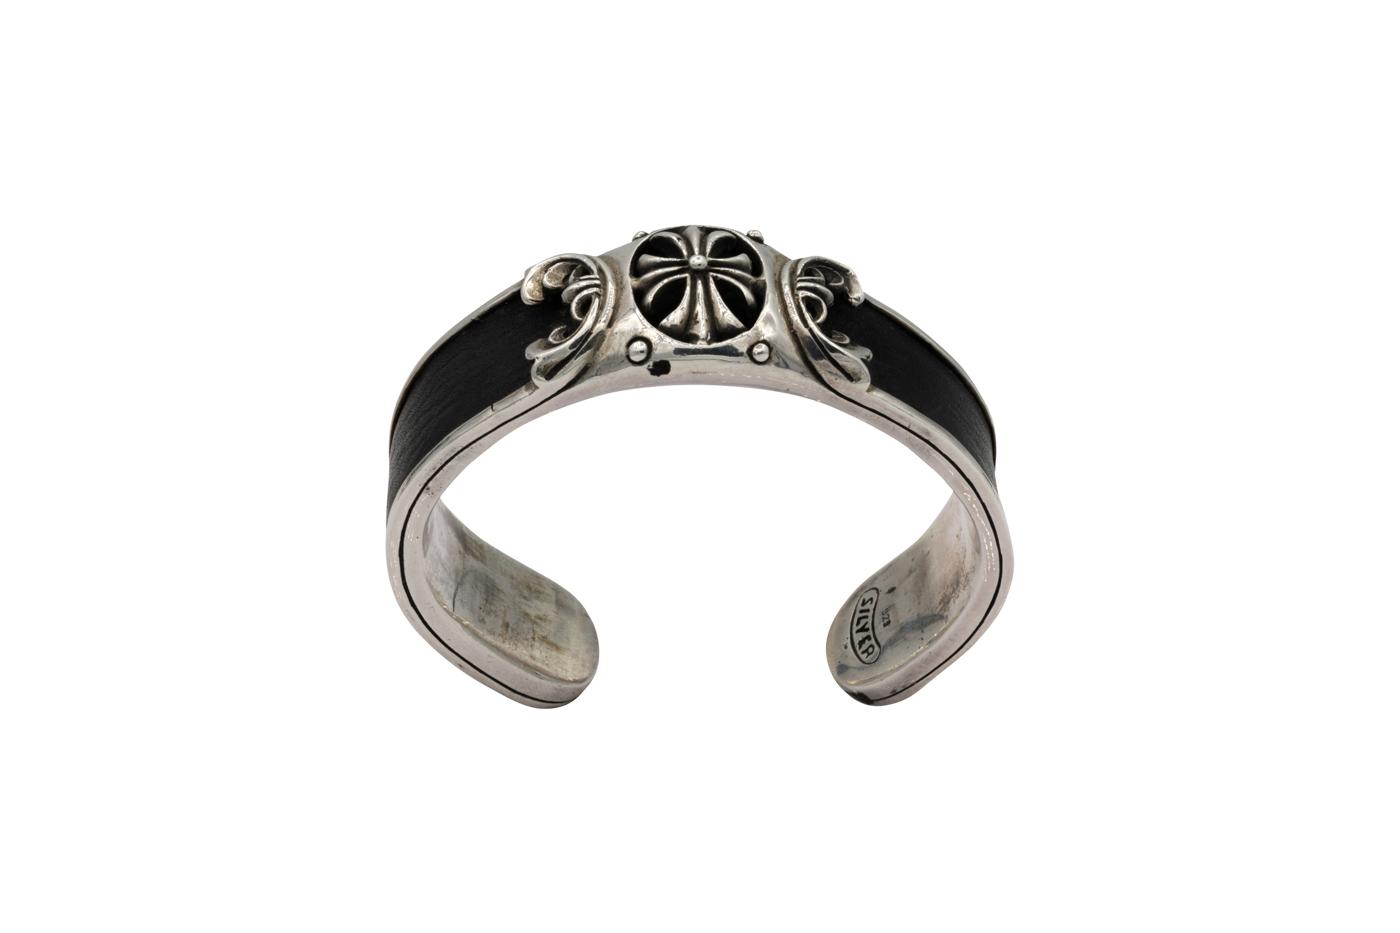 Leather and silver bracelet fleur-de-lis Harley Dadvinson-Black